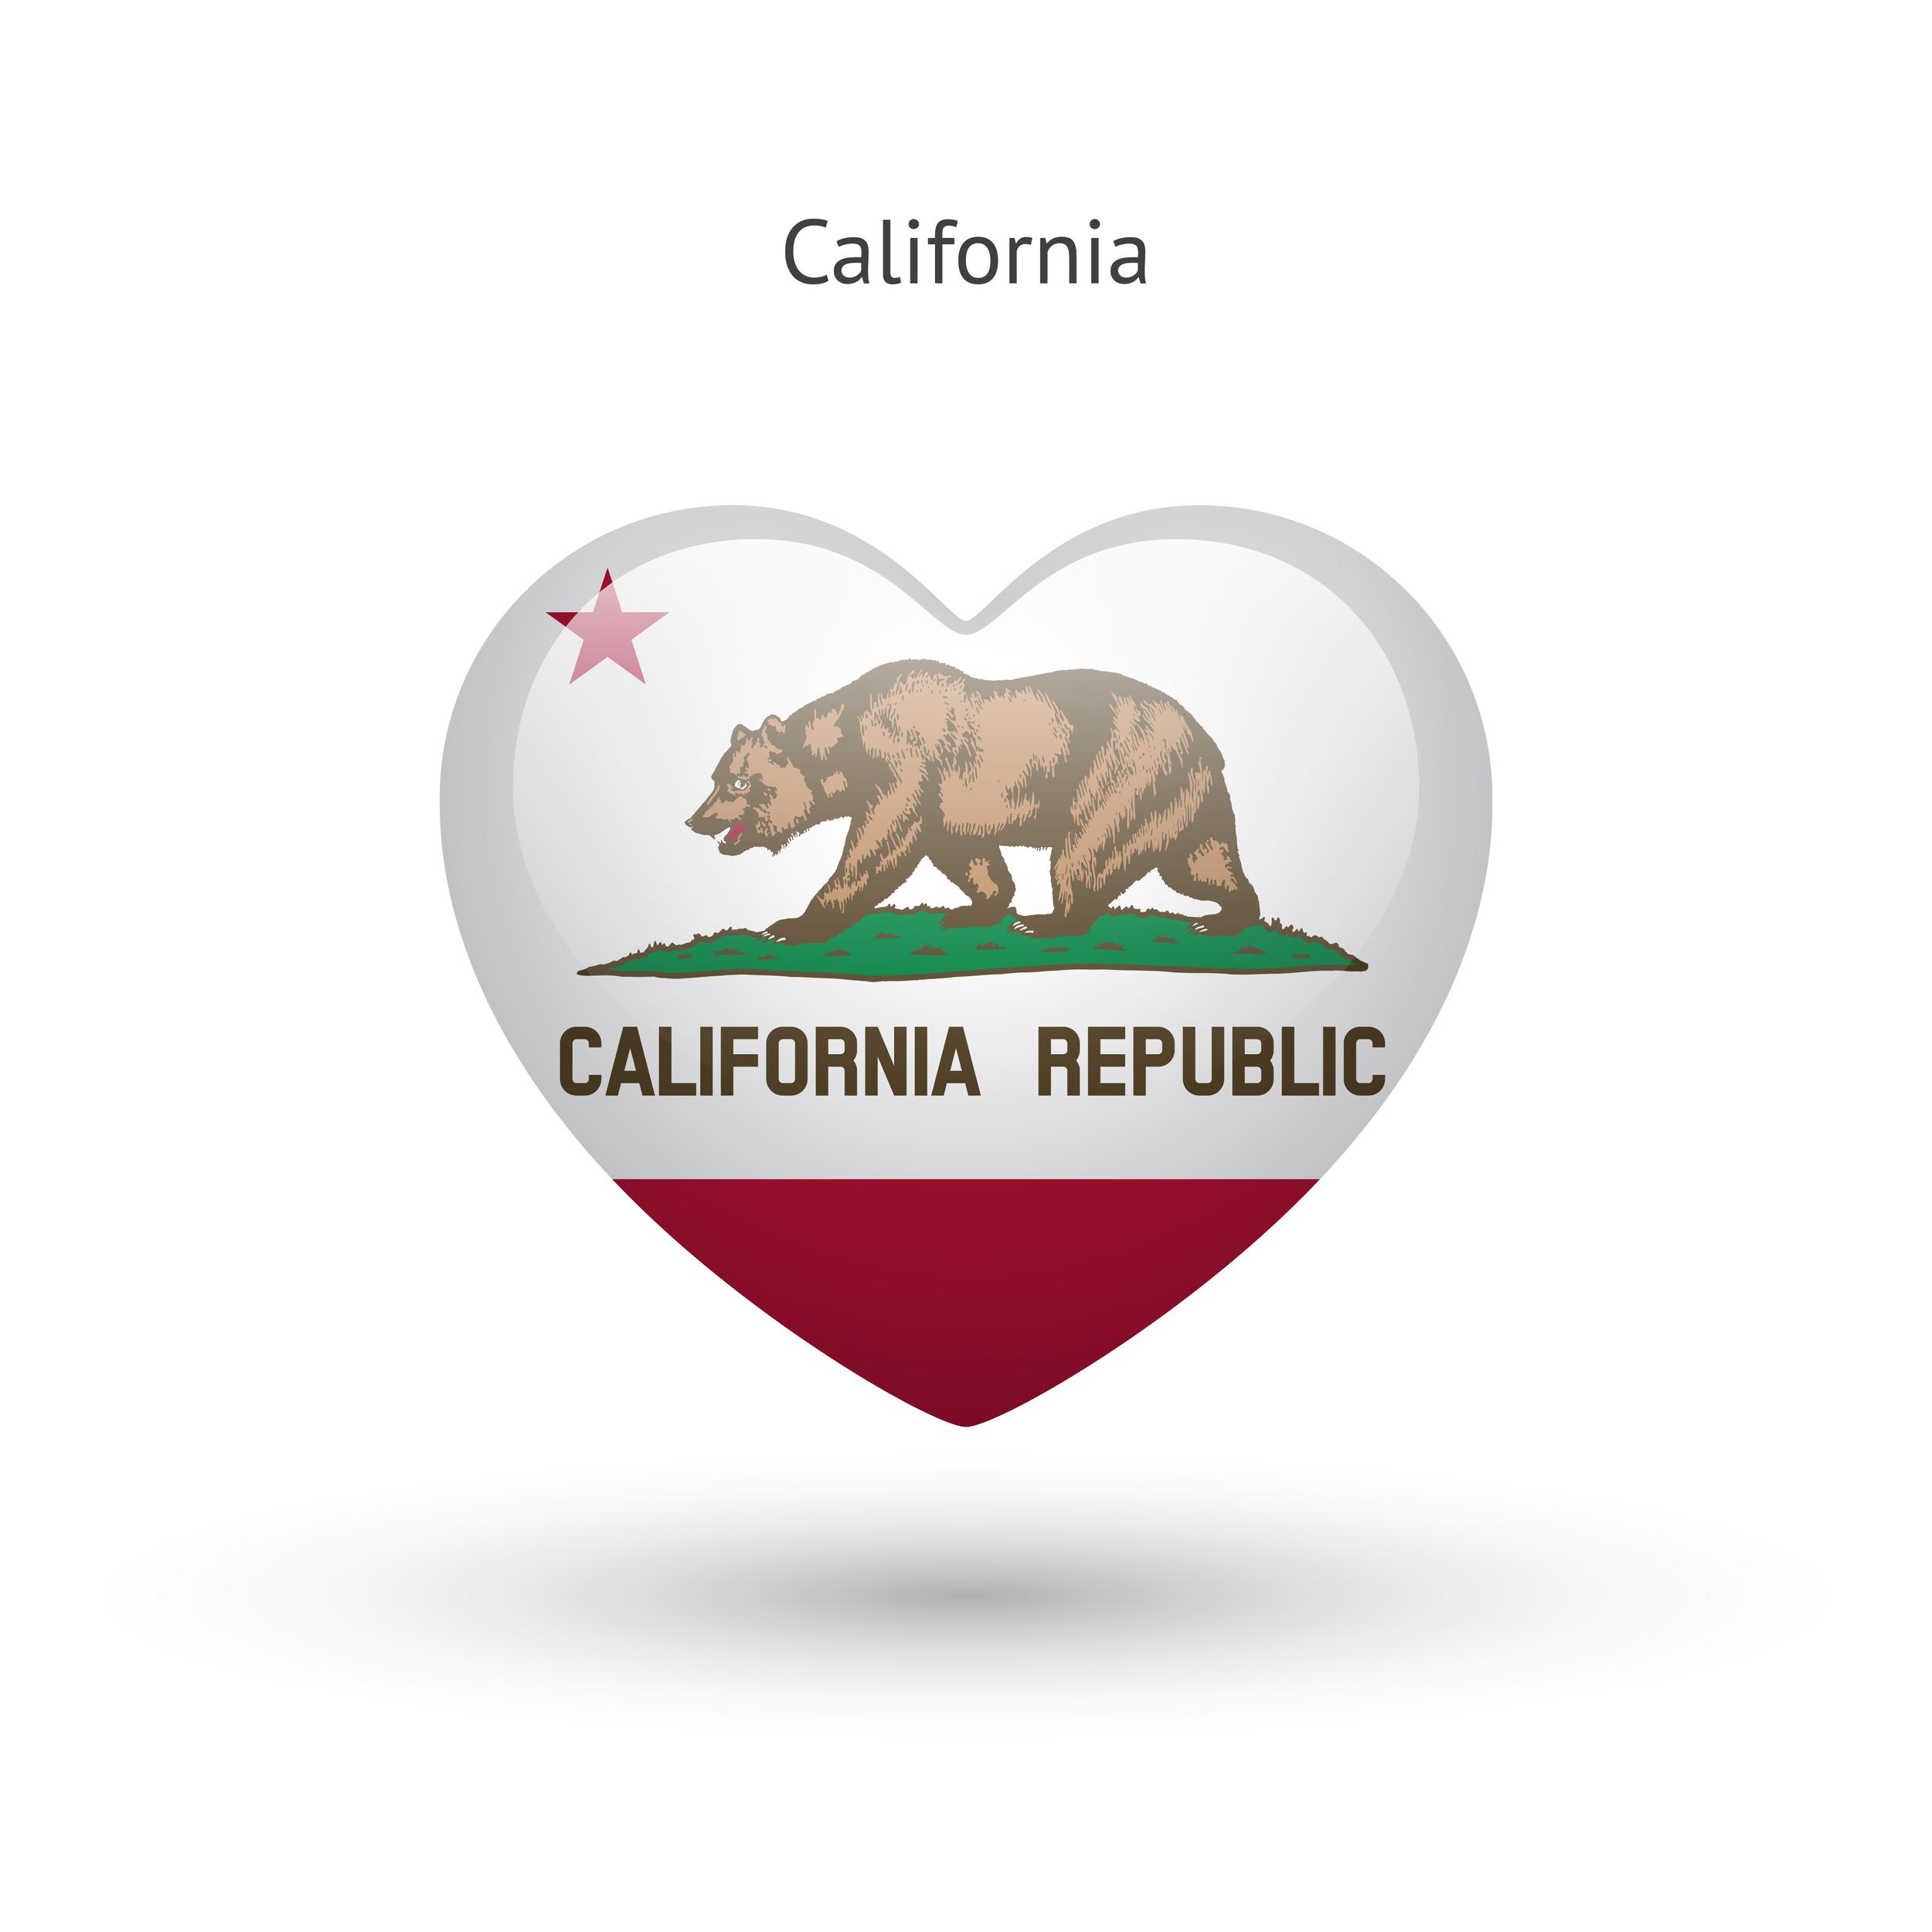 PARAMOUNT CALIFORNIA   Paramount California es un secreto mejor guardado en el Sur de California. Con dinámica ofertas de la cuidad mezclado con la pequeña ciudad de sentir, esta ciudad realmente lo tiene todo. Paramount es capaz de alcanzar un equilibrio único de residenciales, industriales y comerciales.    VER MÁS